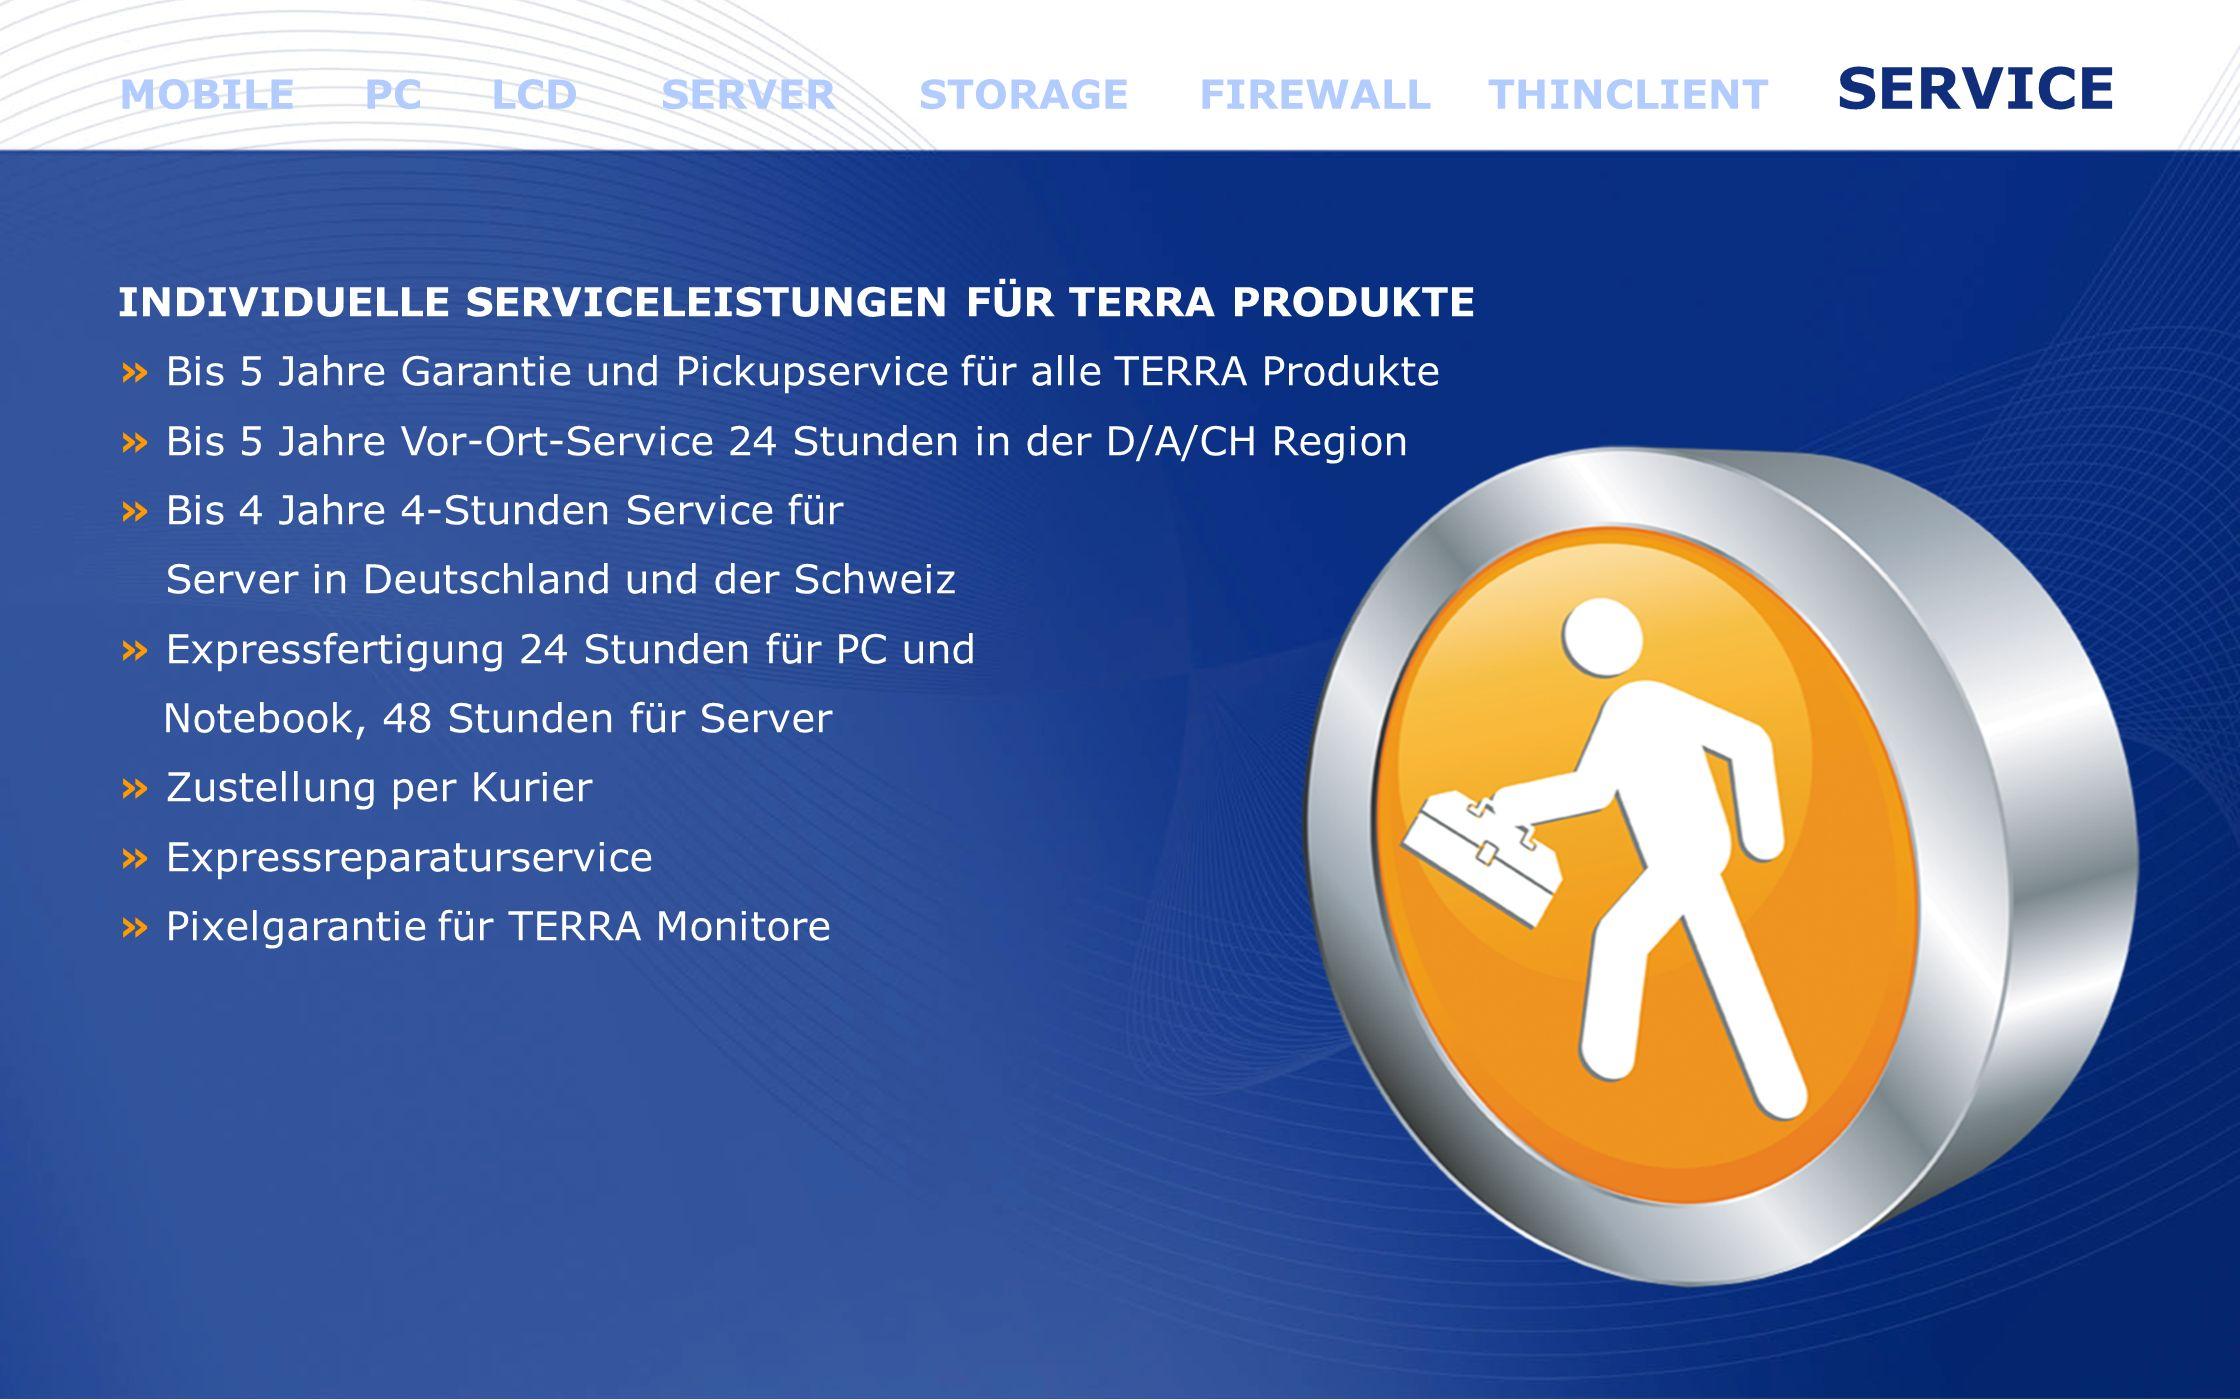 www.wortmann.de INDIVIDUELLE SERVICELEISTUNGEN FÜR TERRA PRODUKTE » Bis 5 Jahre Garantie und Pickupservice für alle TERRA Produkte » Bis 5 Jahre Vor-O